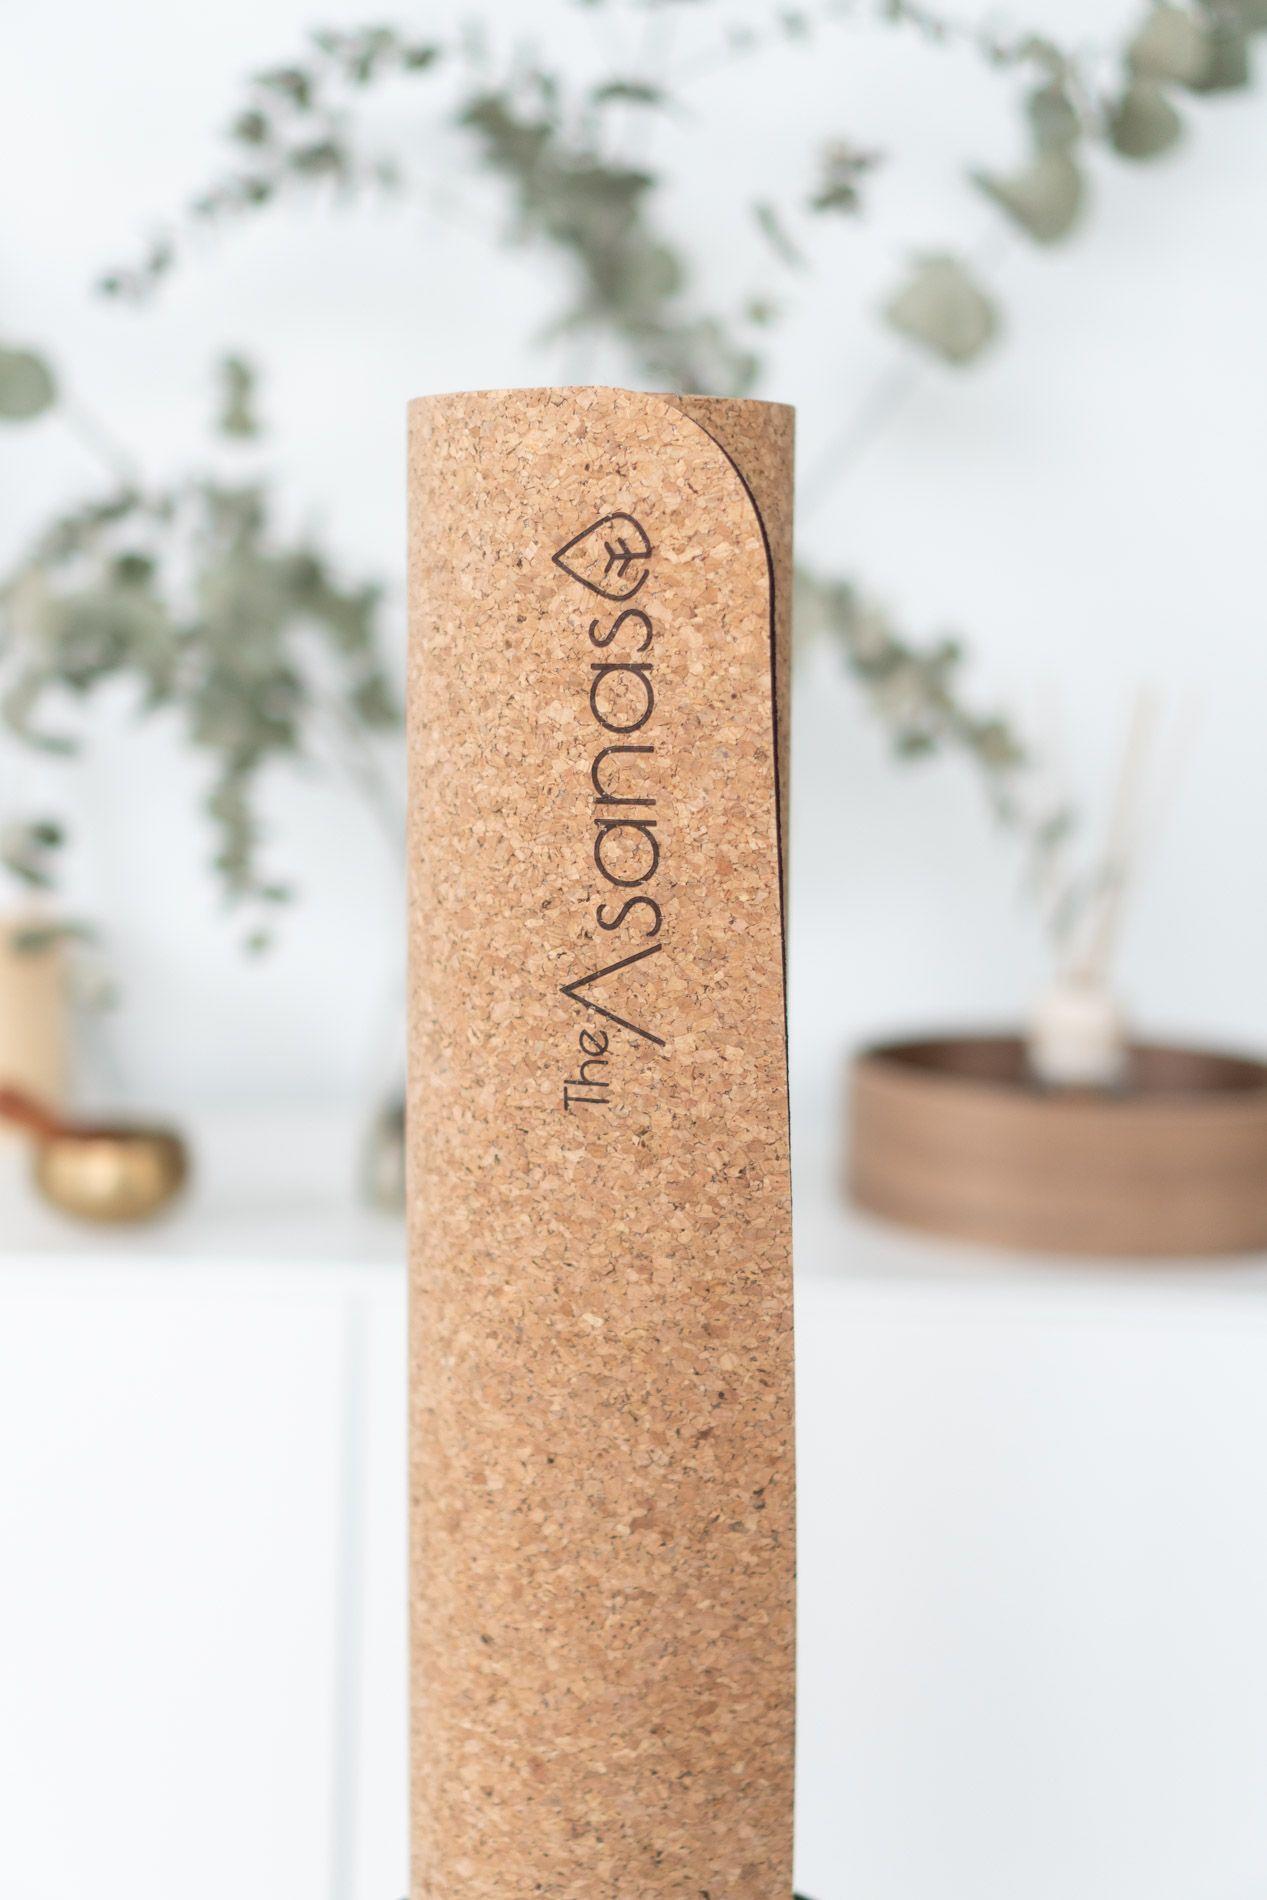 hvordan rense kork yogmatte vaske rengjøre yogamatte naturlig oppskrift eteriske oljer eddik blanding